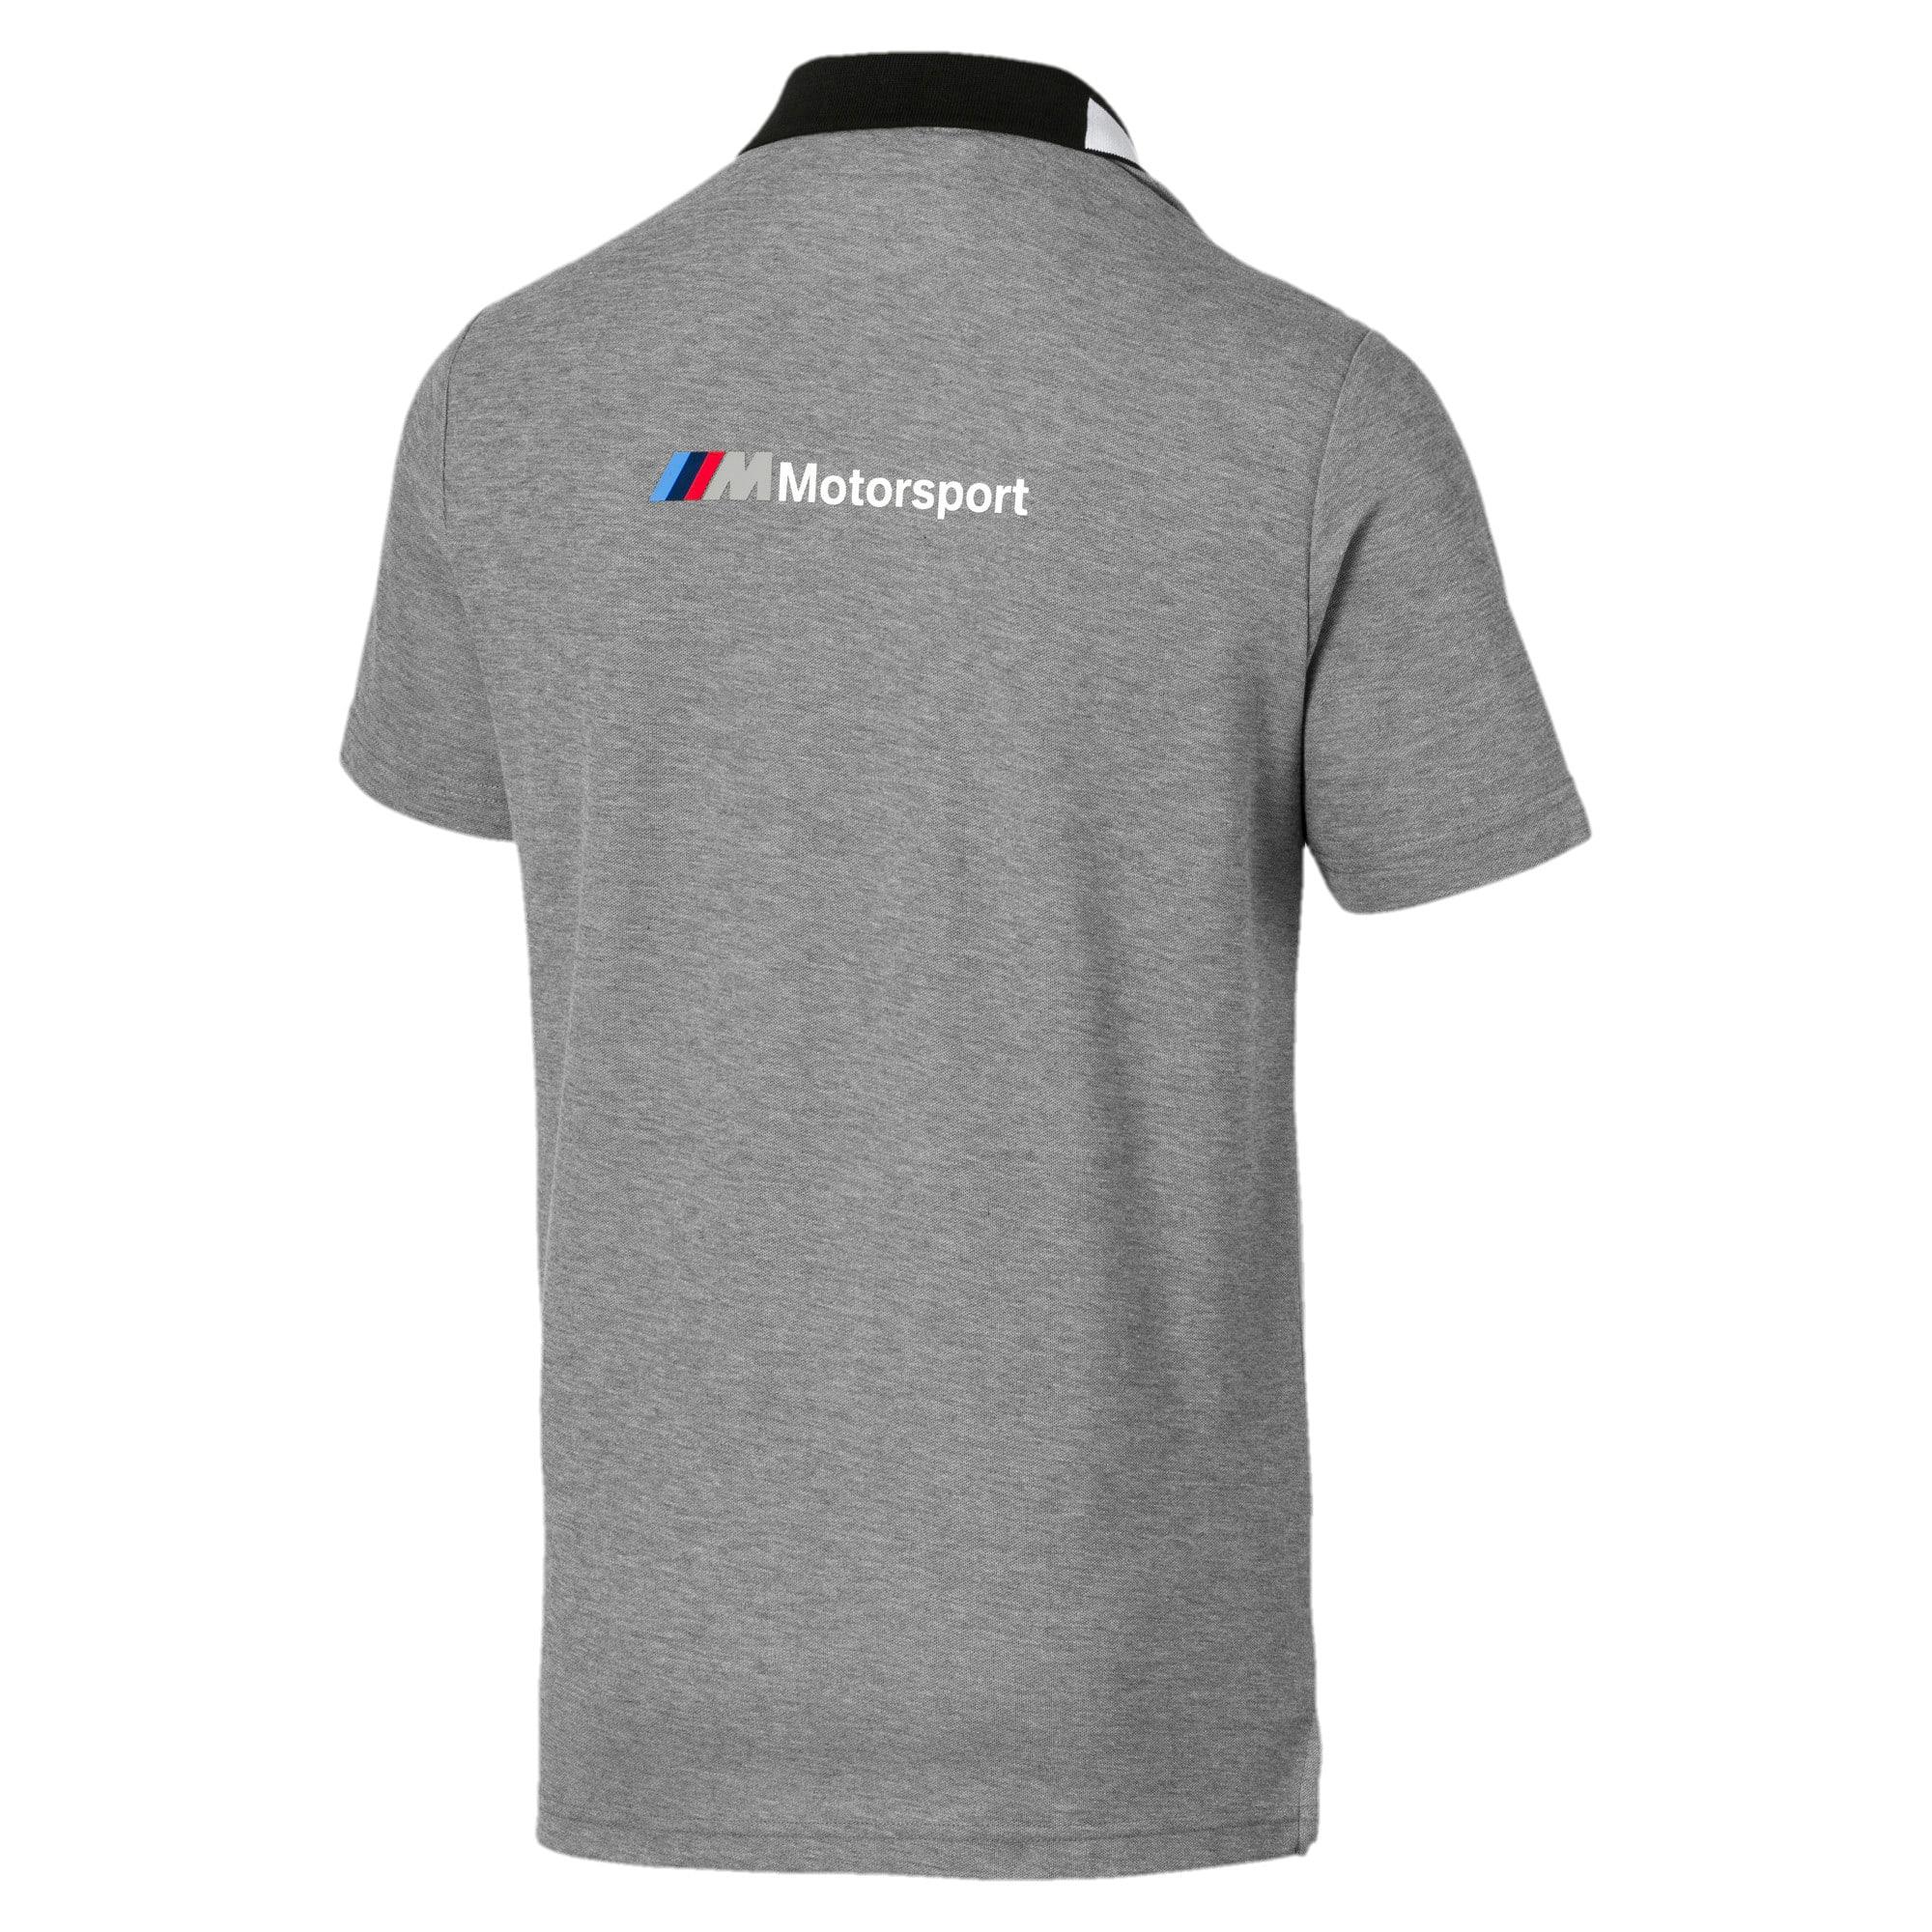 Miniatura 5 de Camiseta tipo polo BMW M Motorsport para hombre, Medium Gray Heather, mediano